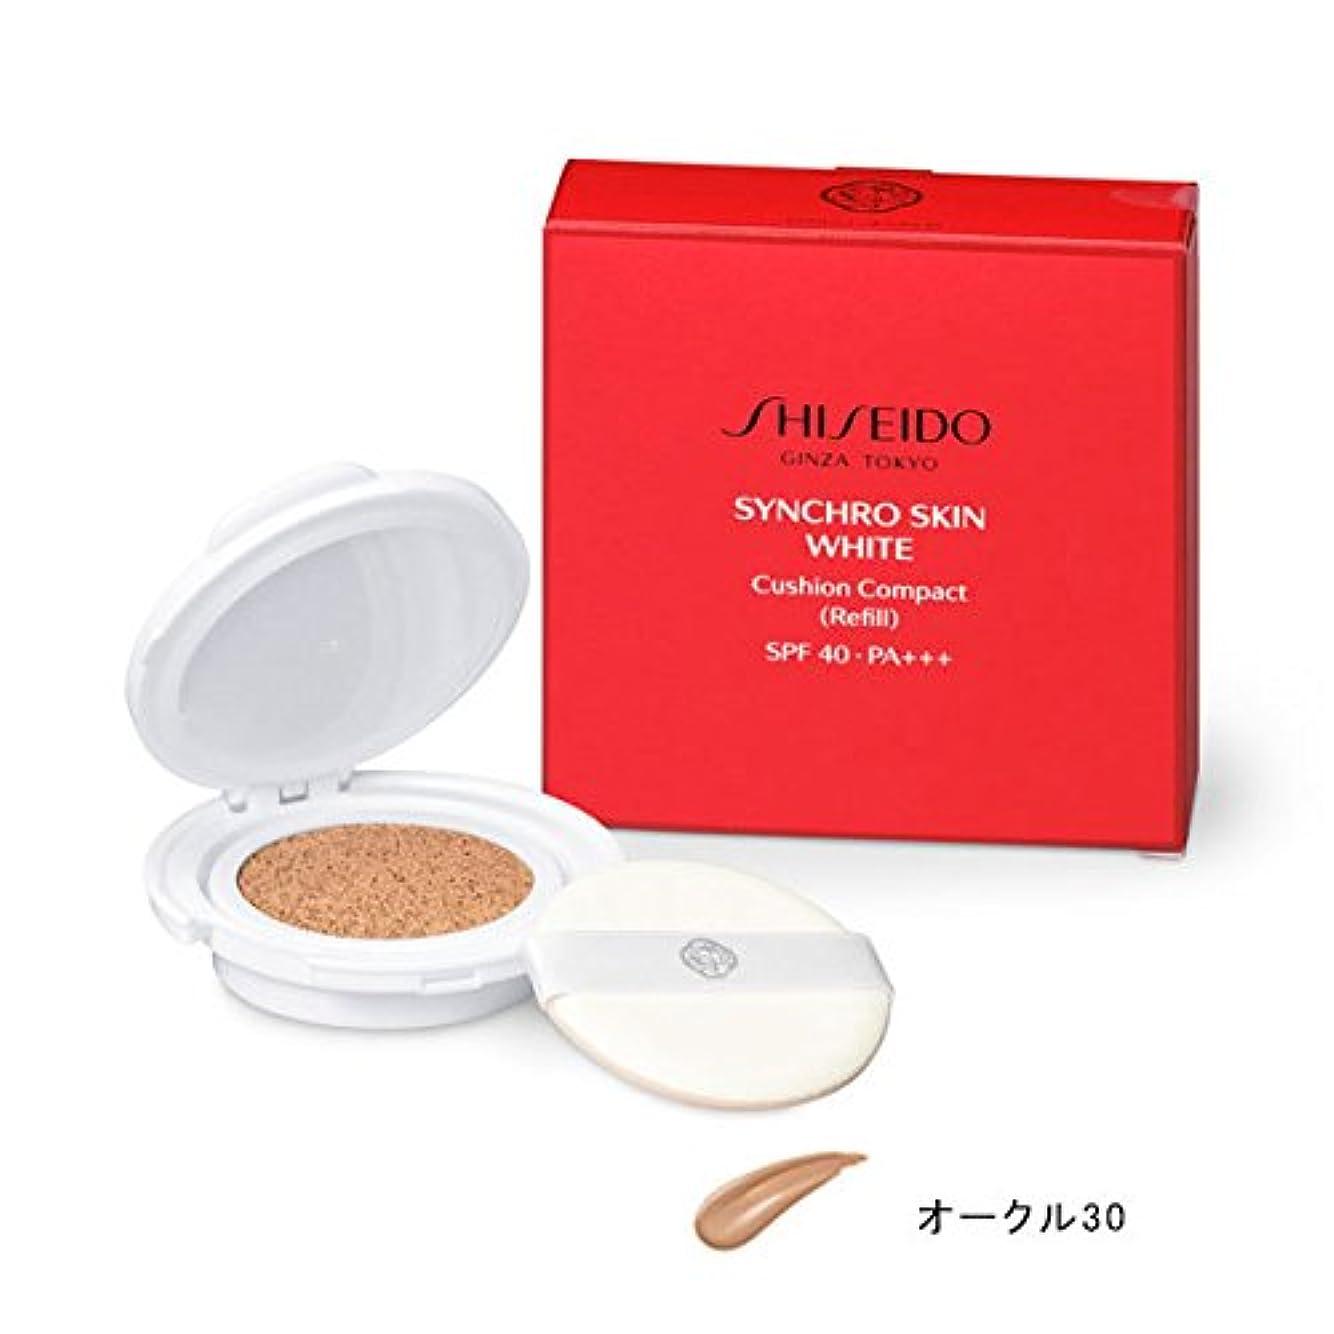 直径民主主義最悪SHISEIDO Makeup(資生堂 メーキャップ) SHISEIDO(資生堂) シンクロスキン ホワイト クッションコンパクト WT レフィル(医薬部外品) (オークル30)